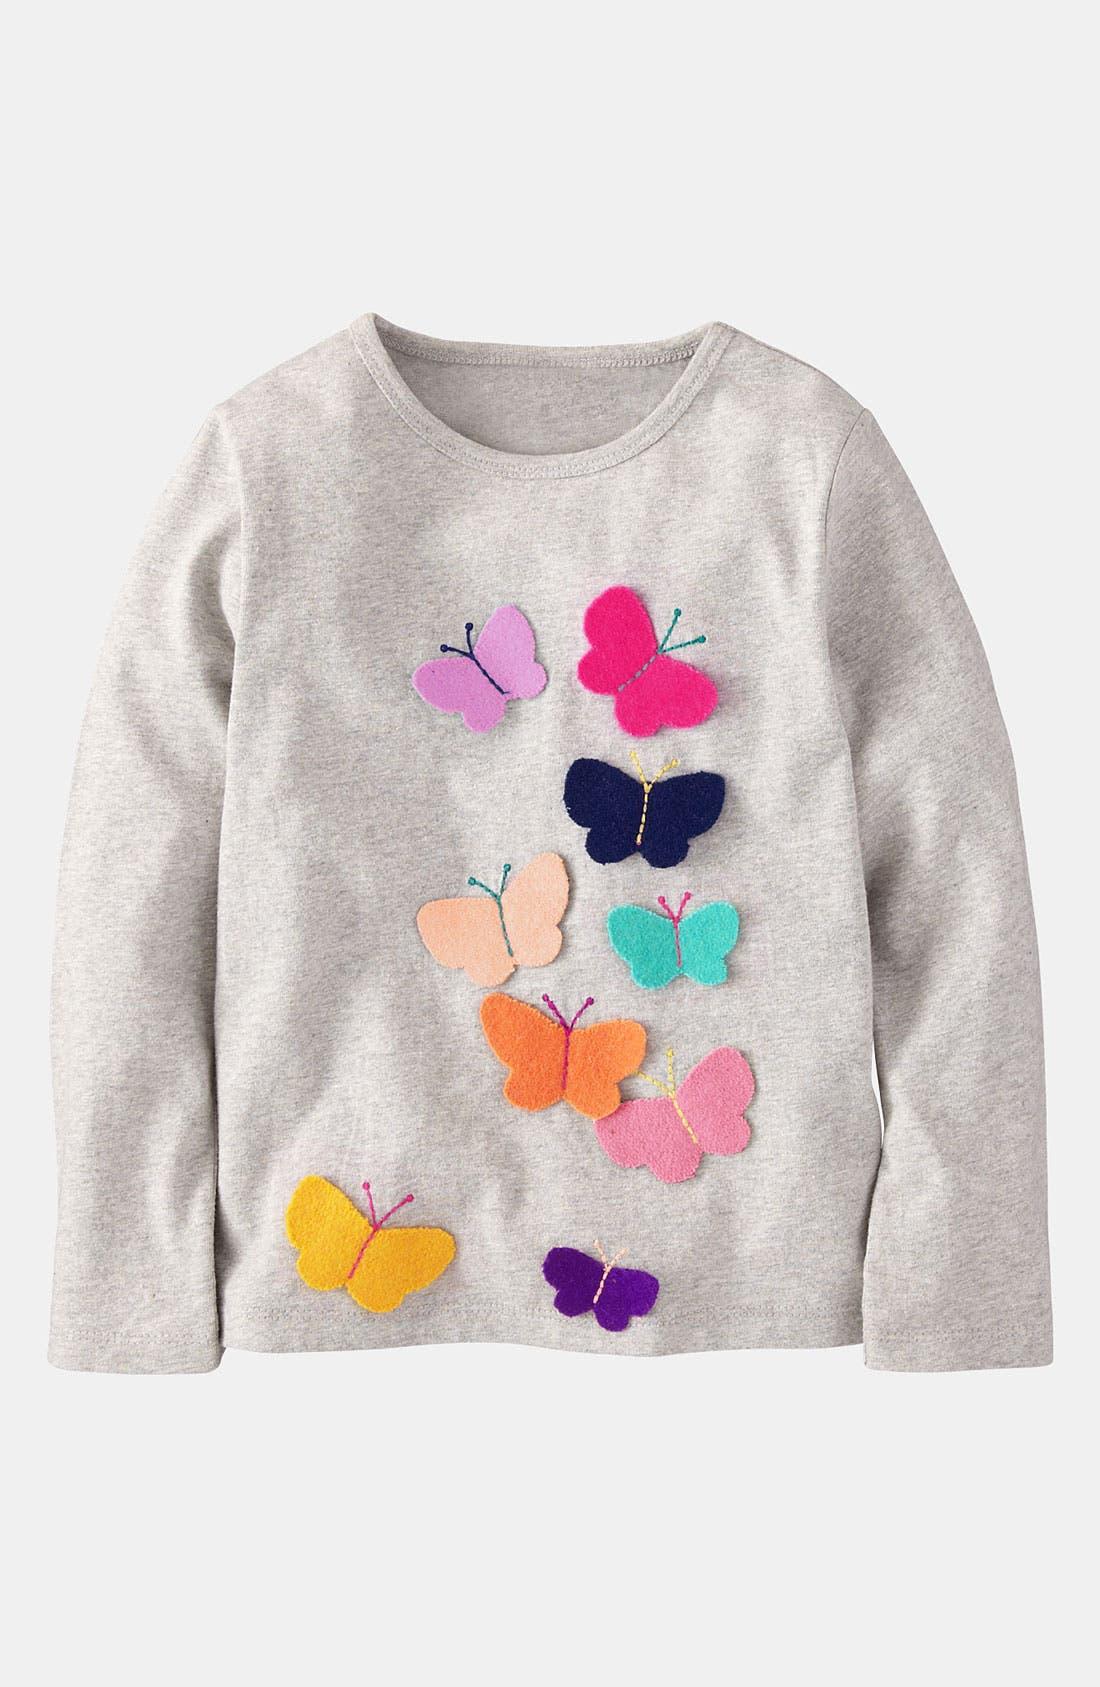 Main Image - Mini Boden 'Fluttery' Appliqué Tee (Little Girls & Big Girls)